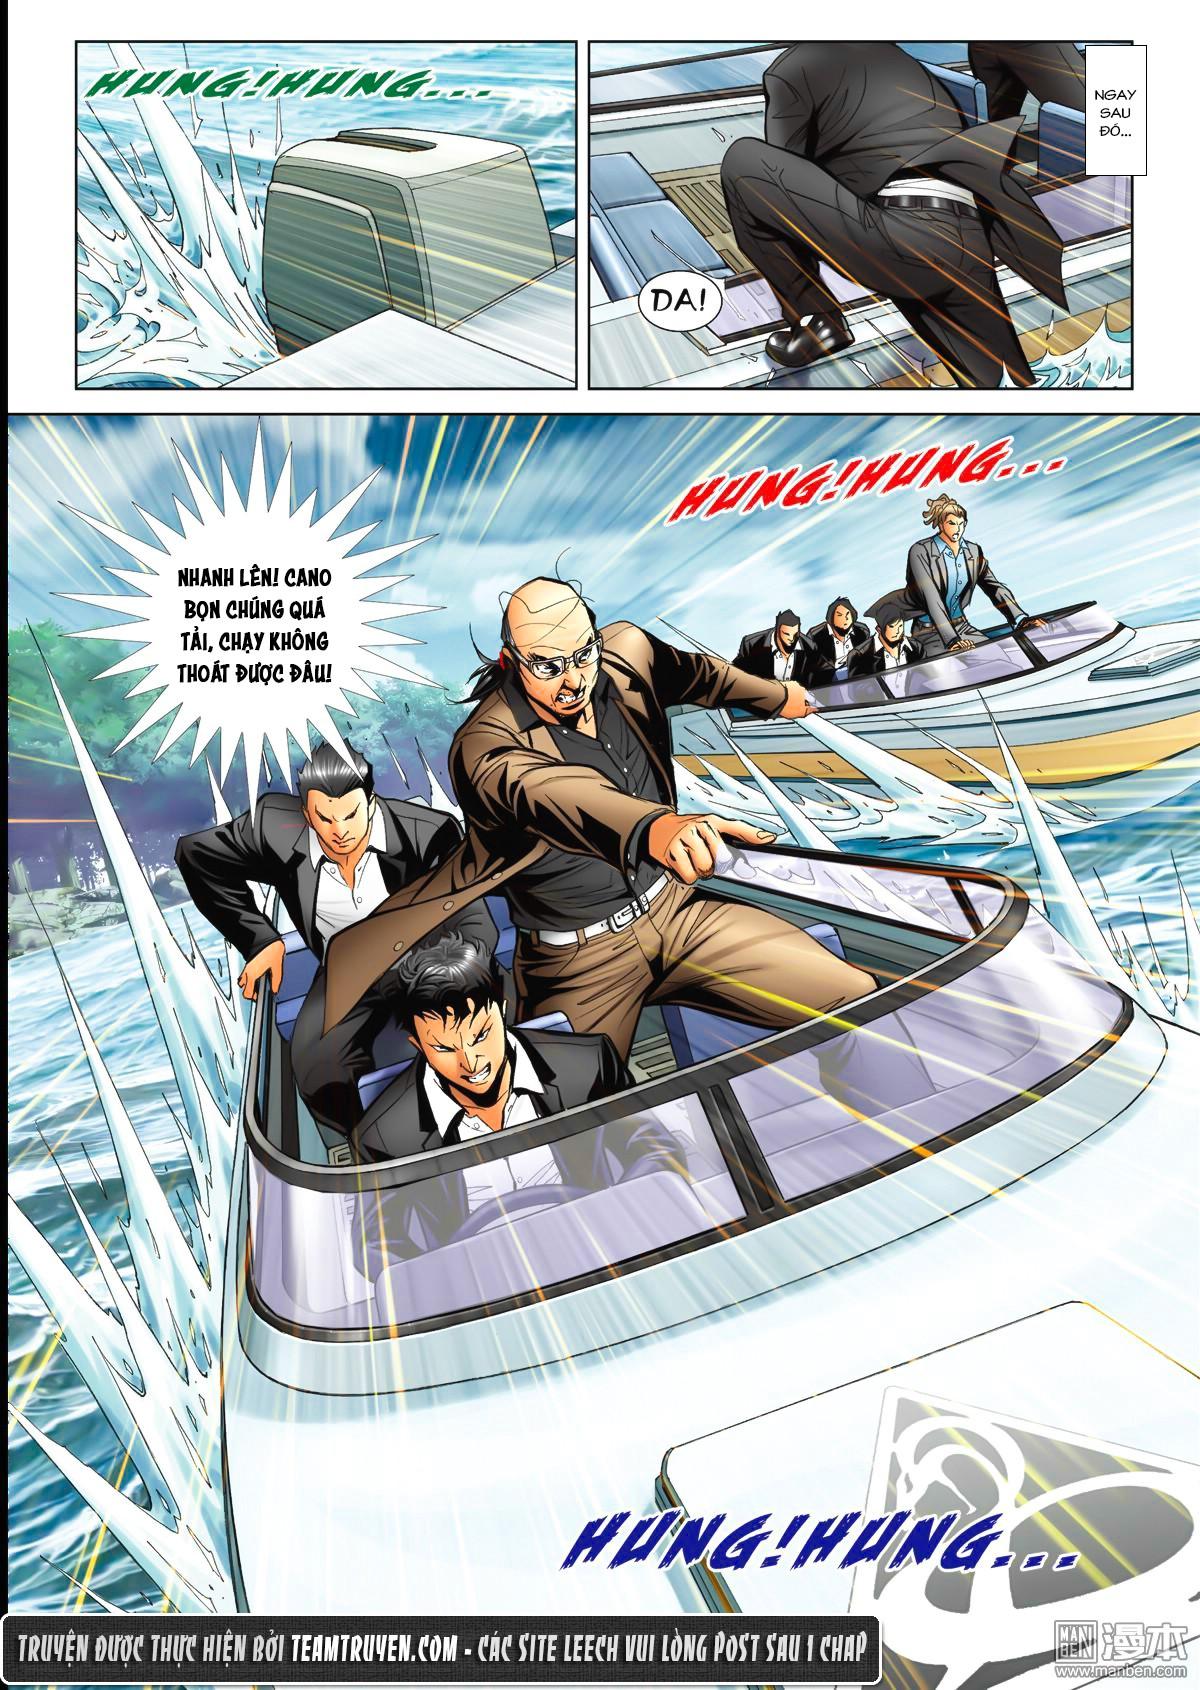 Người Trong Giang Hồ NetTruyen chap 1520 - Trang 25